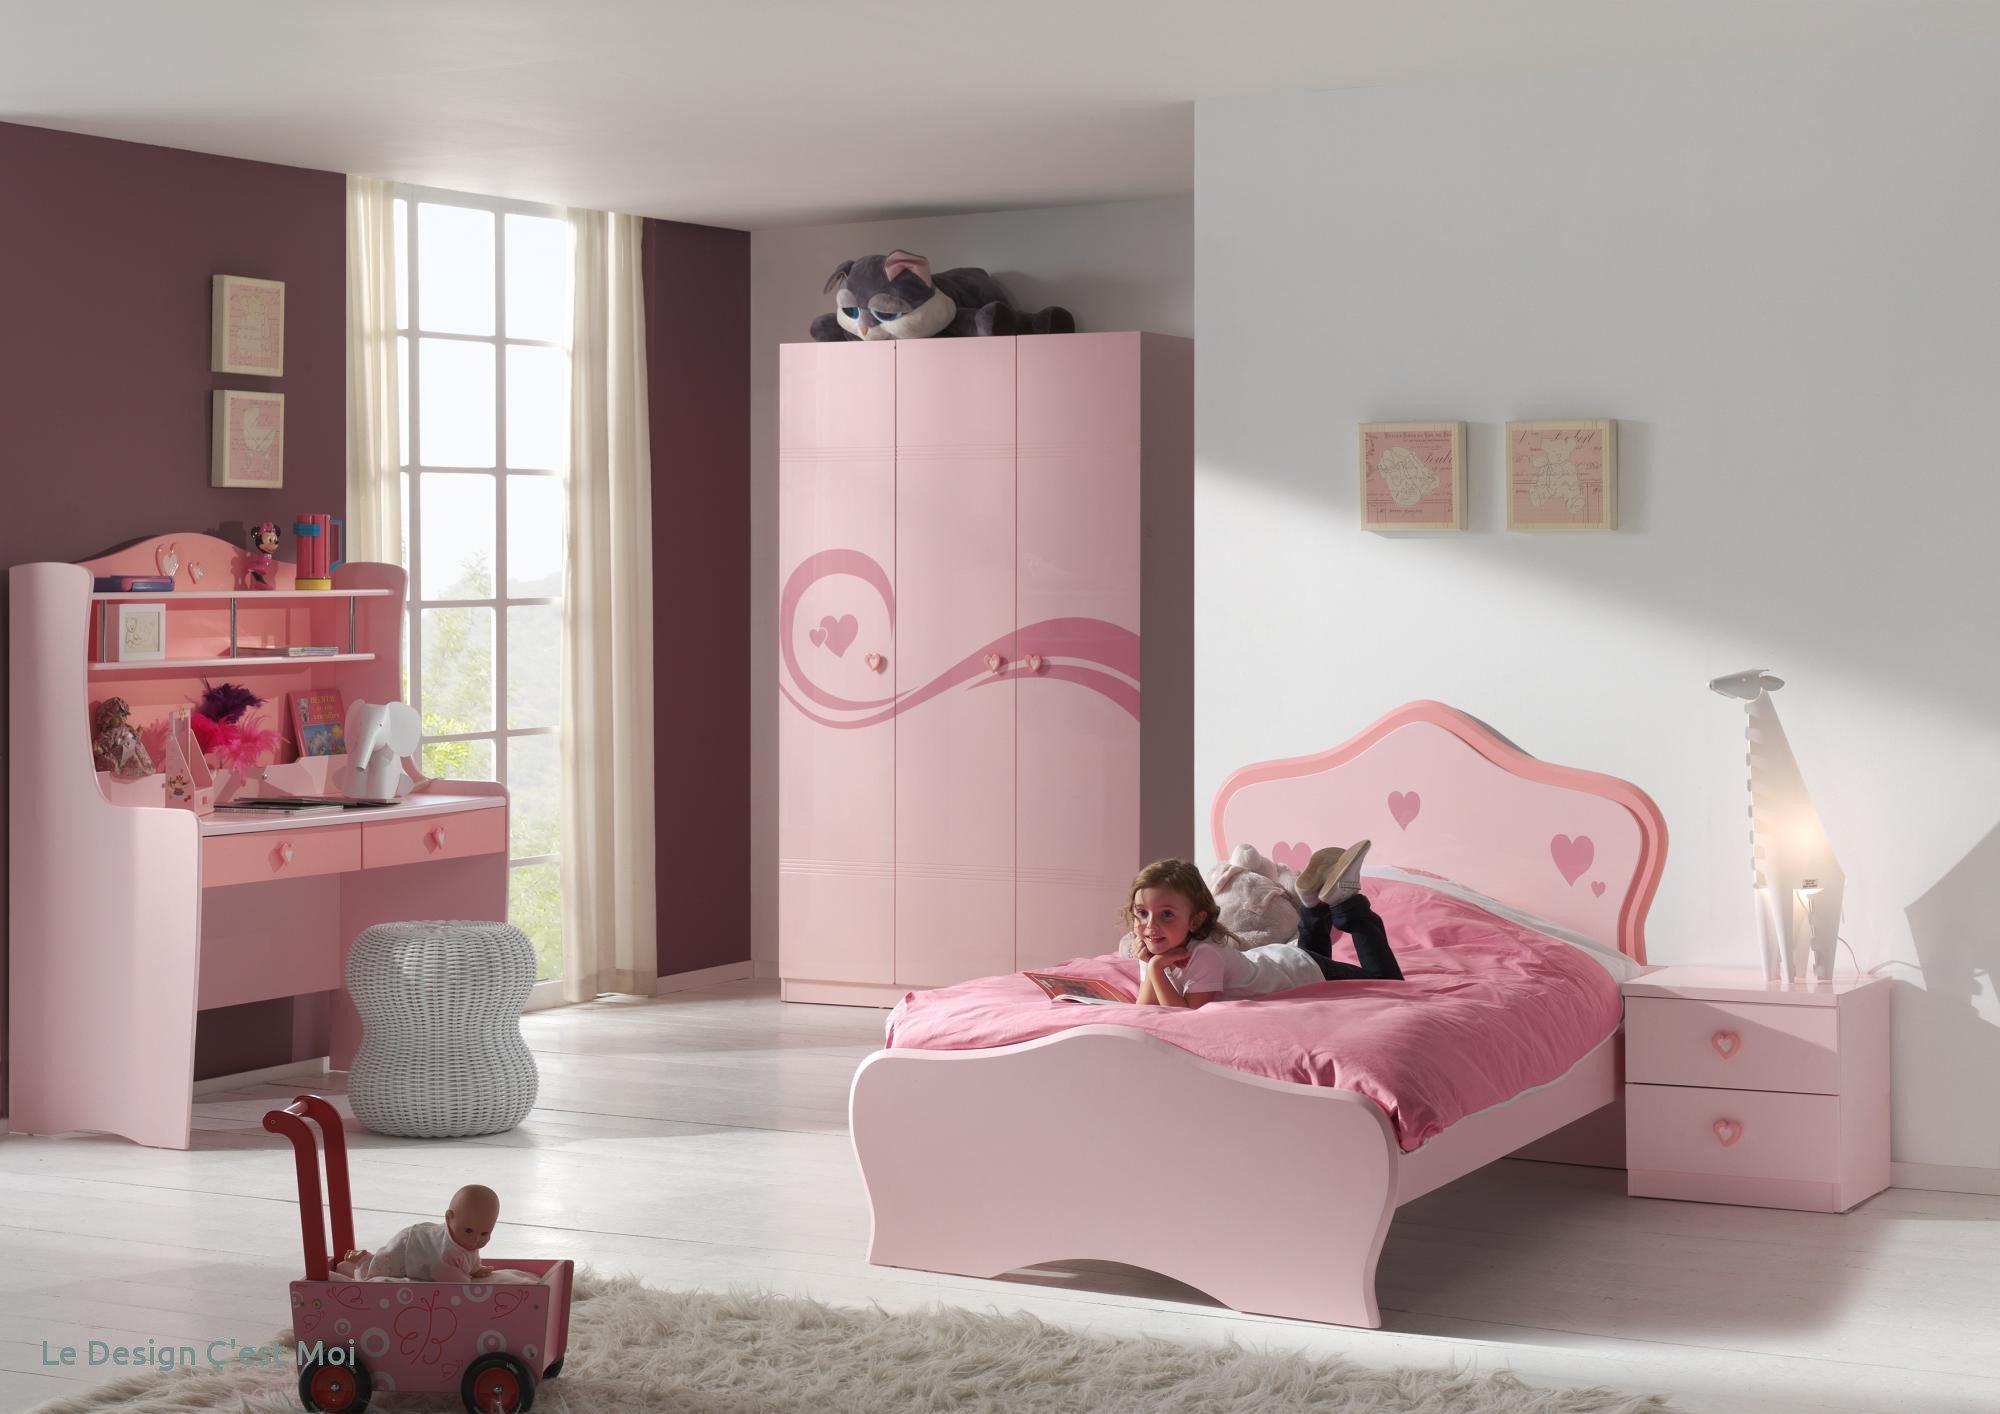 Linge De Lit Bébé Garçon Inspirant La Plus De Dément Idée Vis  Vis Exemple Chambre Bébé – Le Design ‡